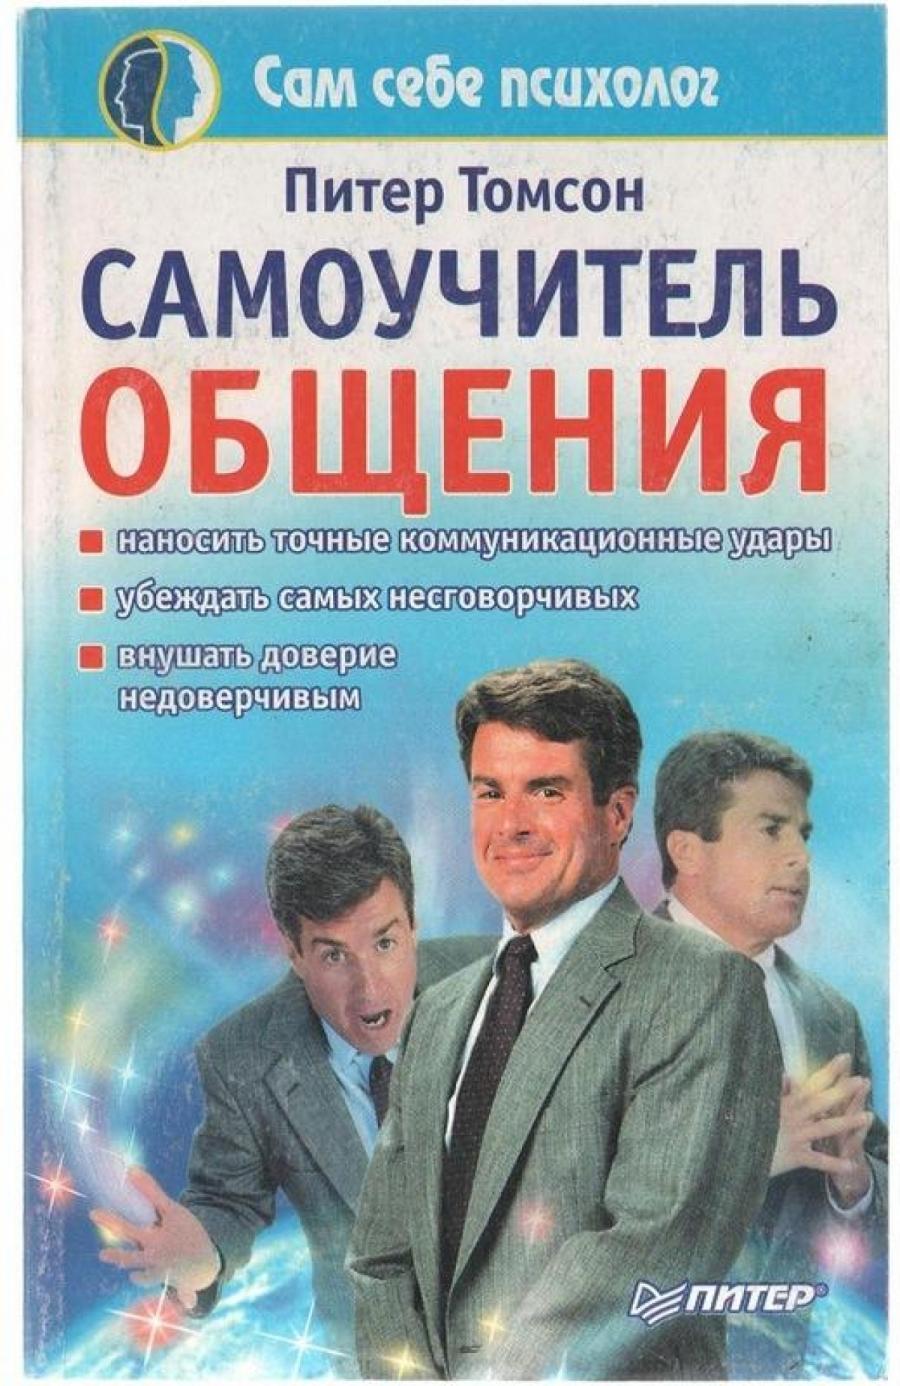 Обложка книги:  питер томсон peter thomson - secrets of communication самоучитель общения